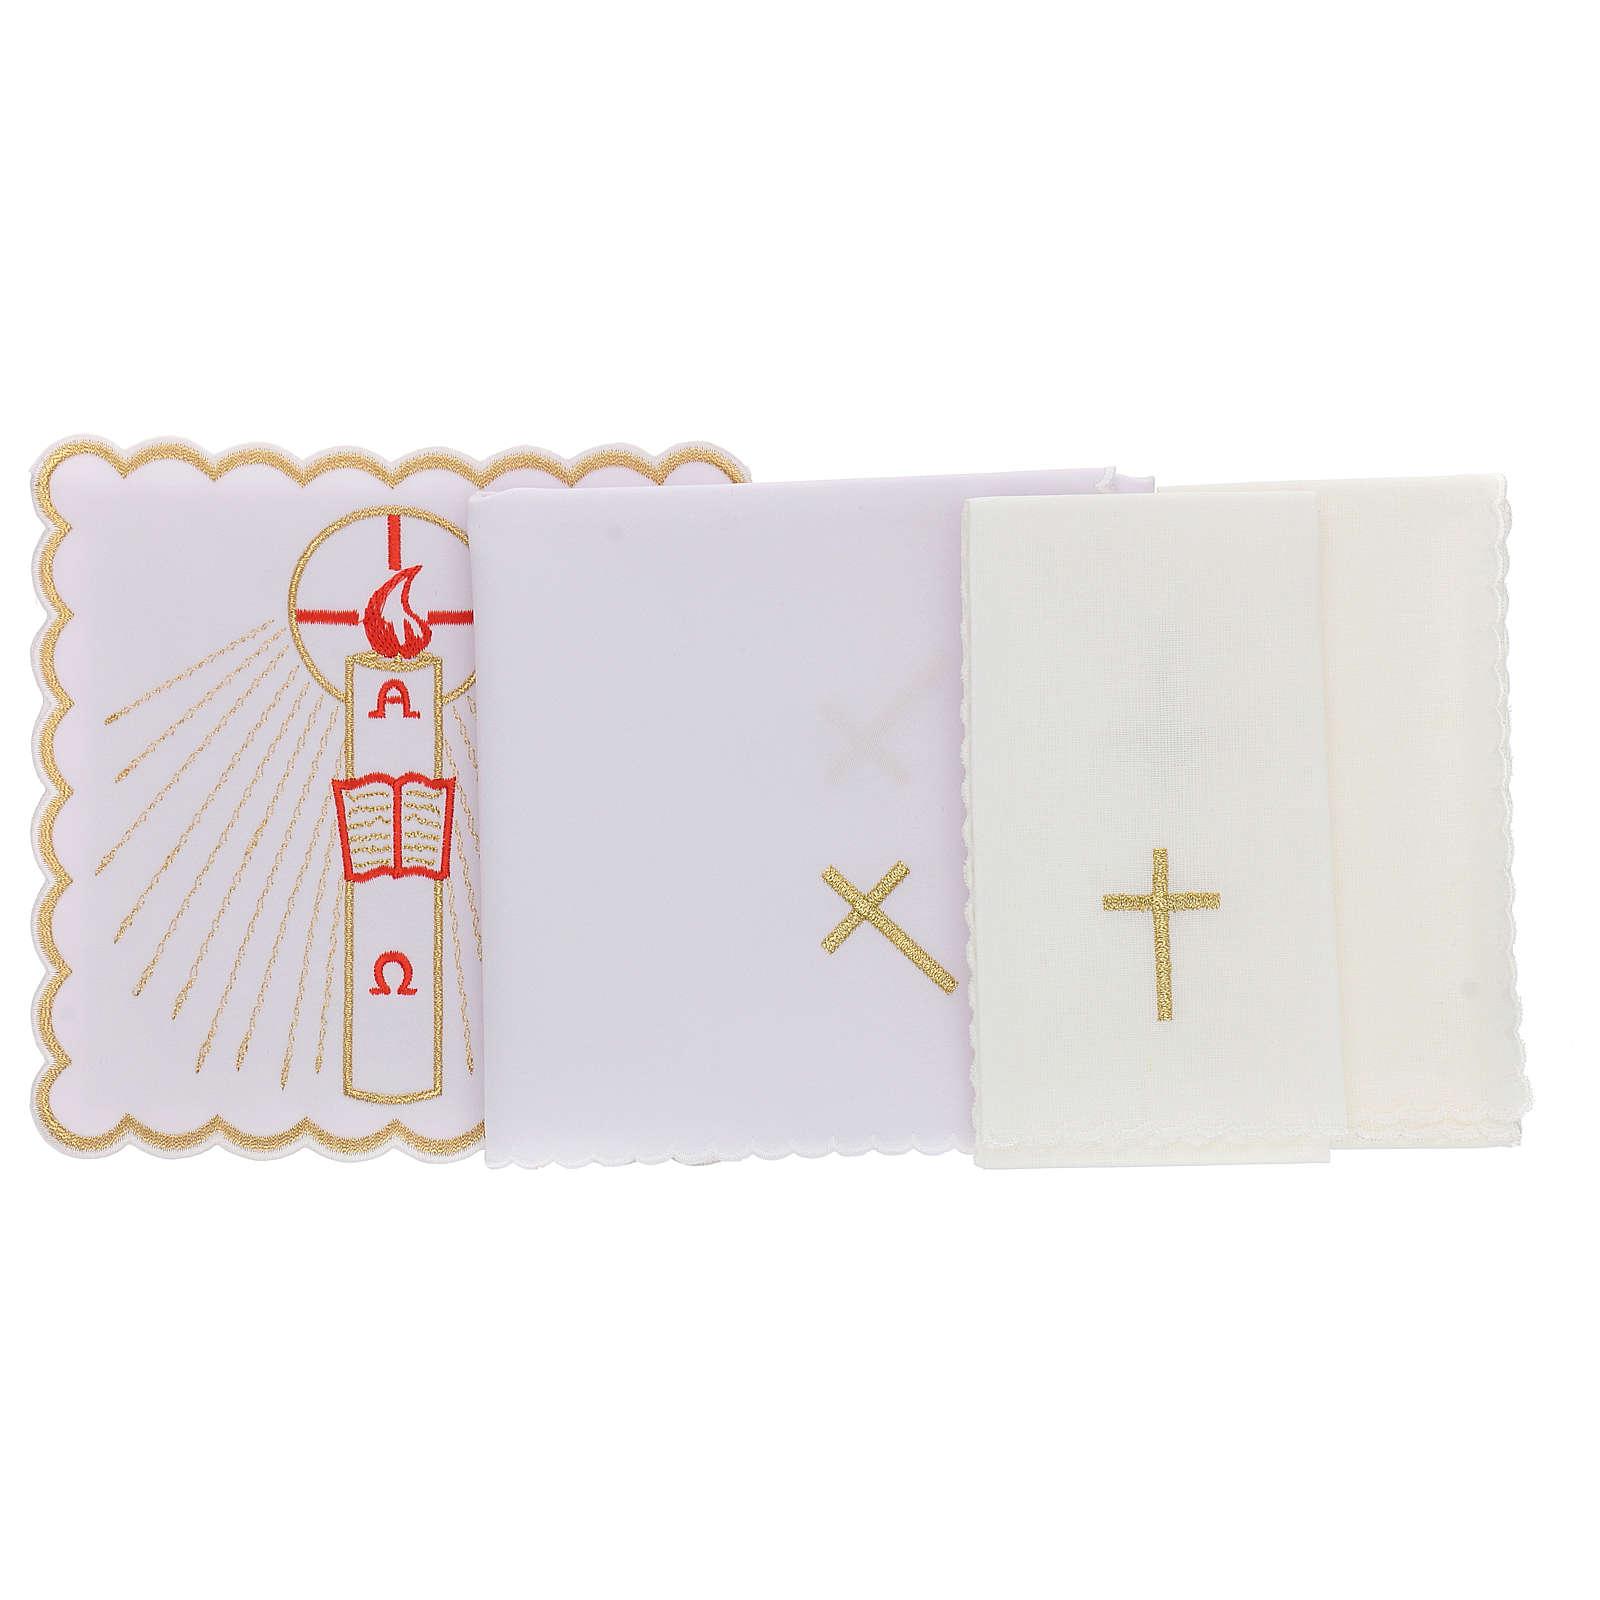 Servizio da altare cotone candela Alfa Omega fiamma rossa 4